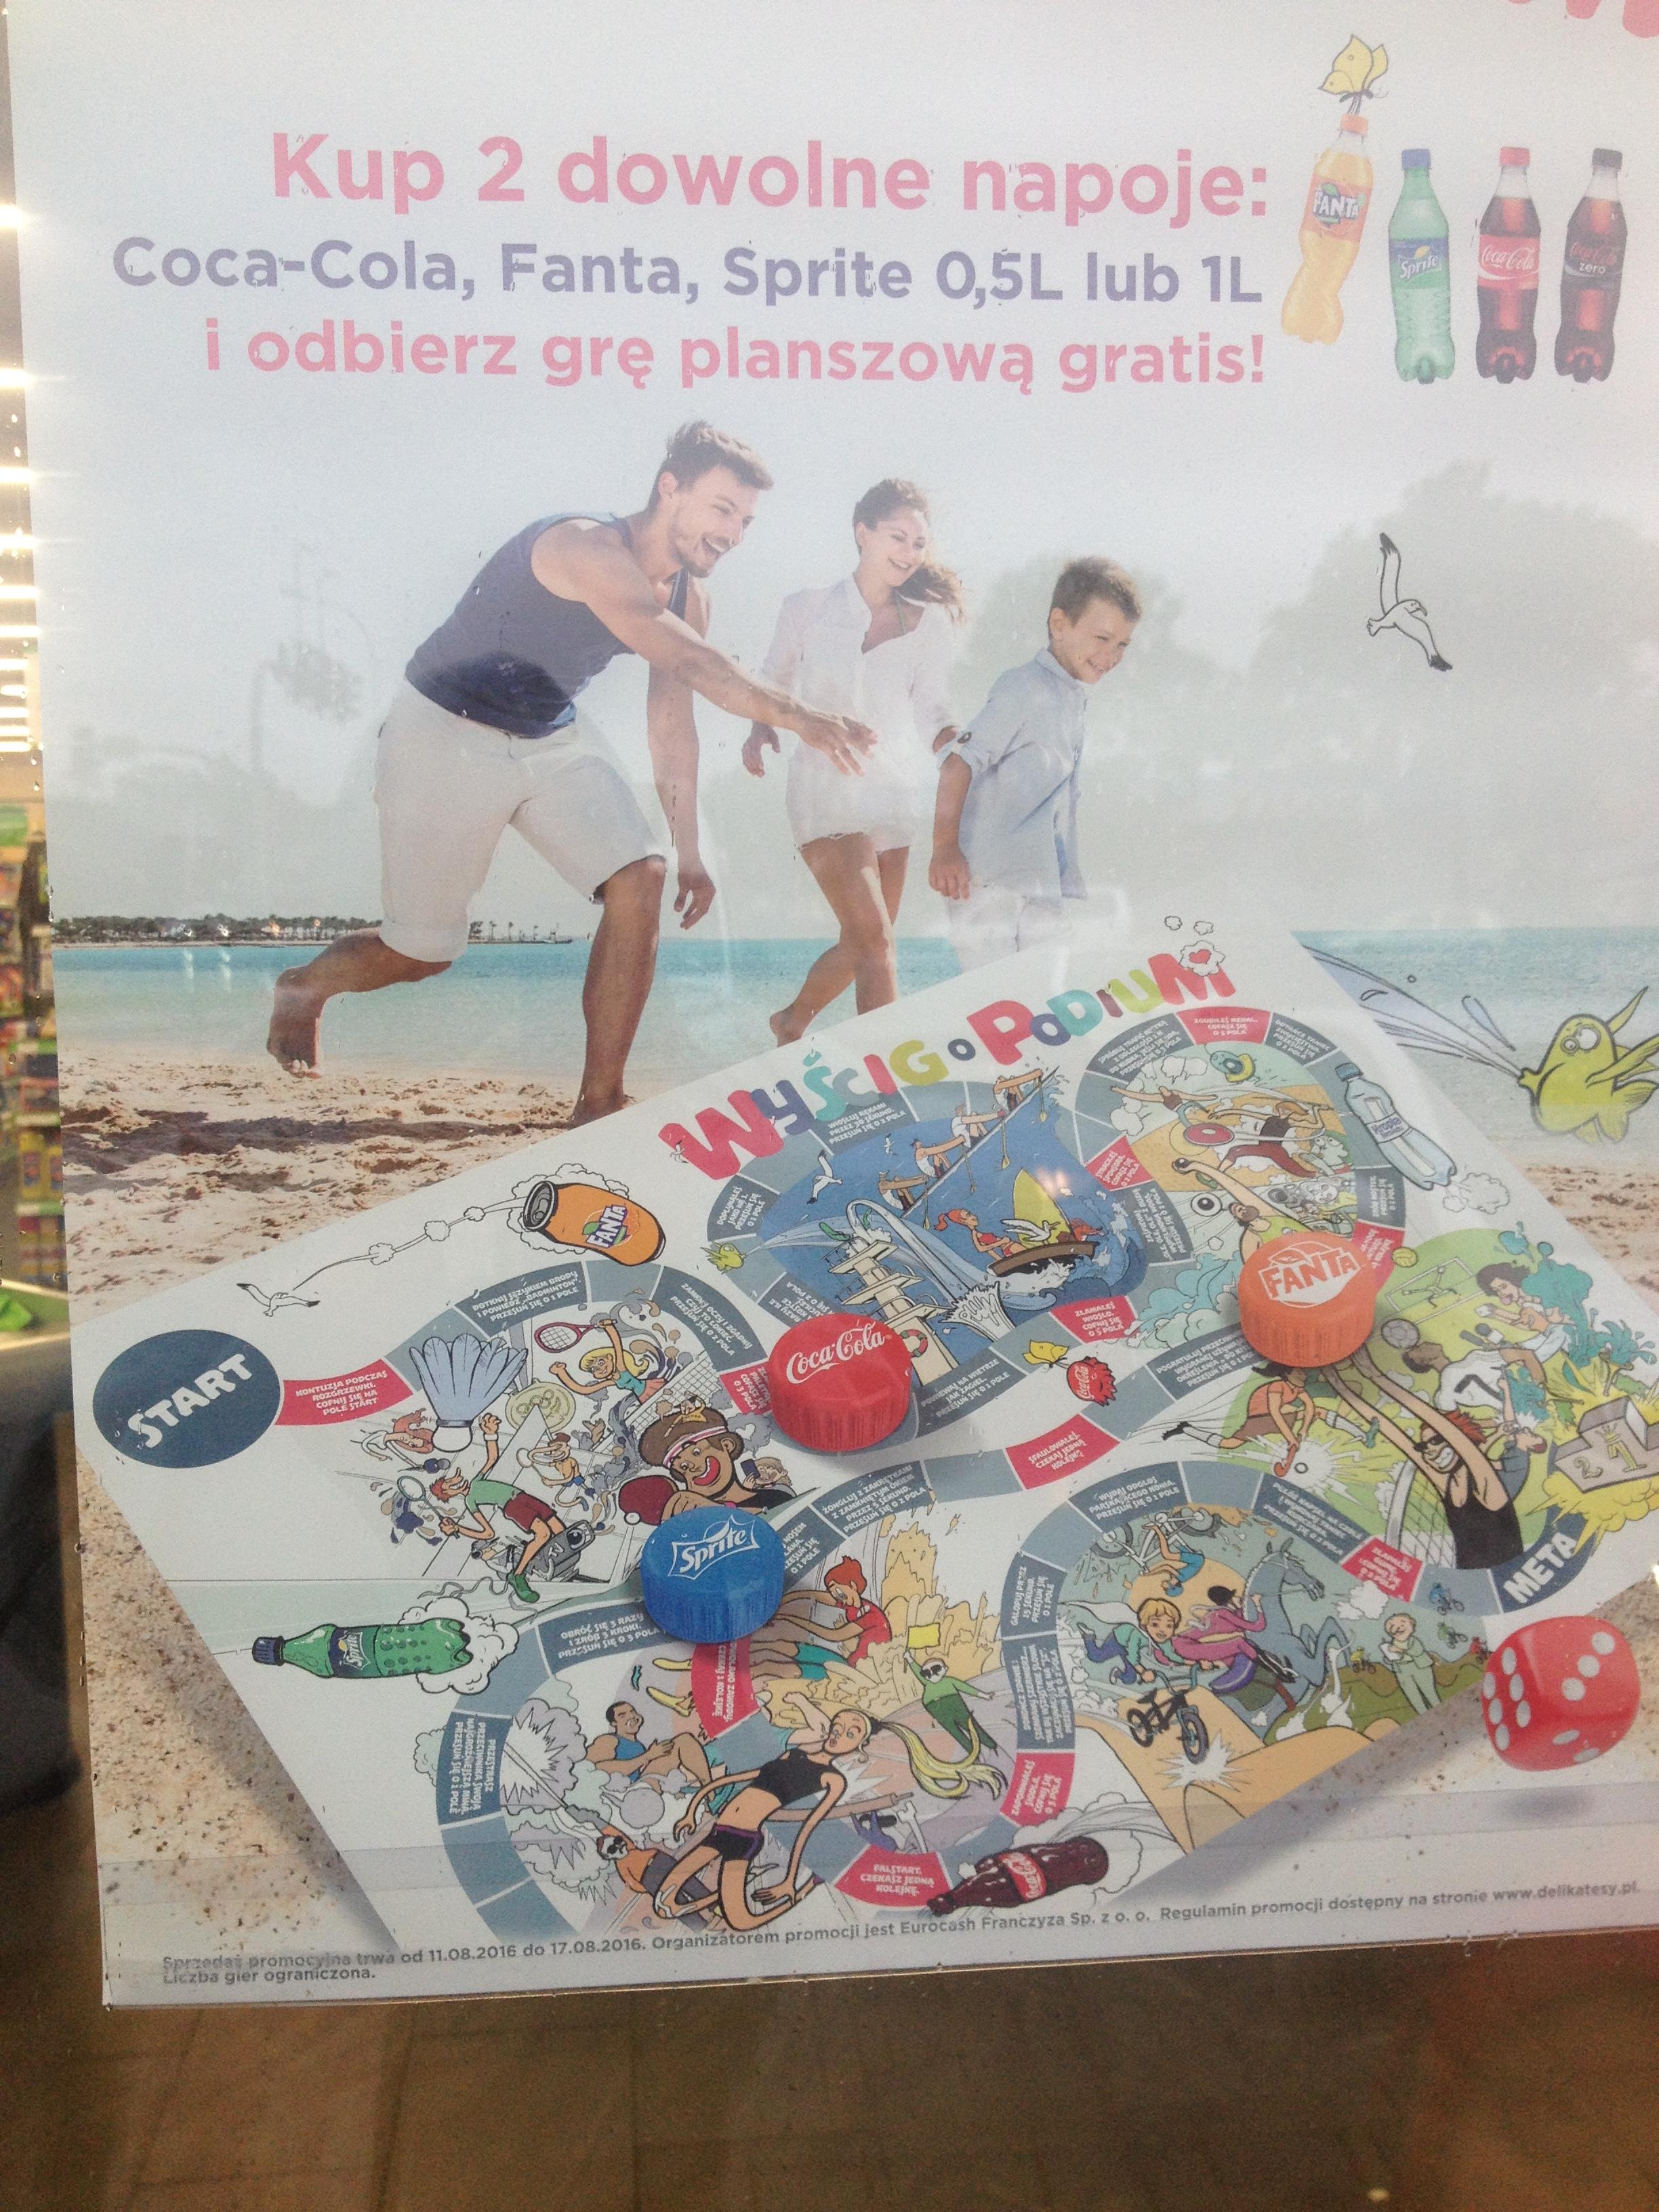 Gra planszowa gratis przy zakupie dwóch napojów 0,5L/1L @ Delikatesy Centrum